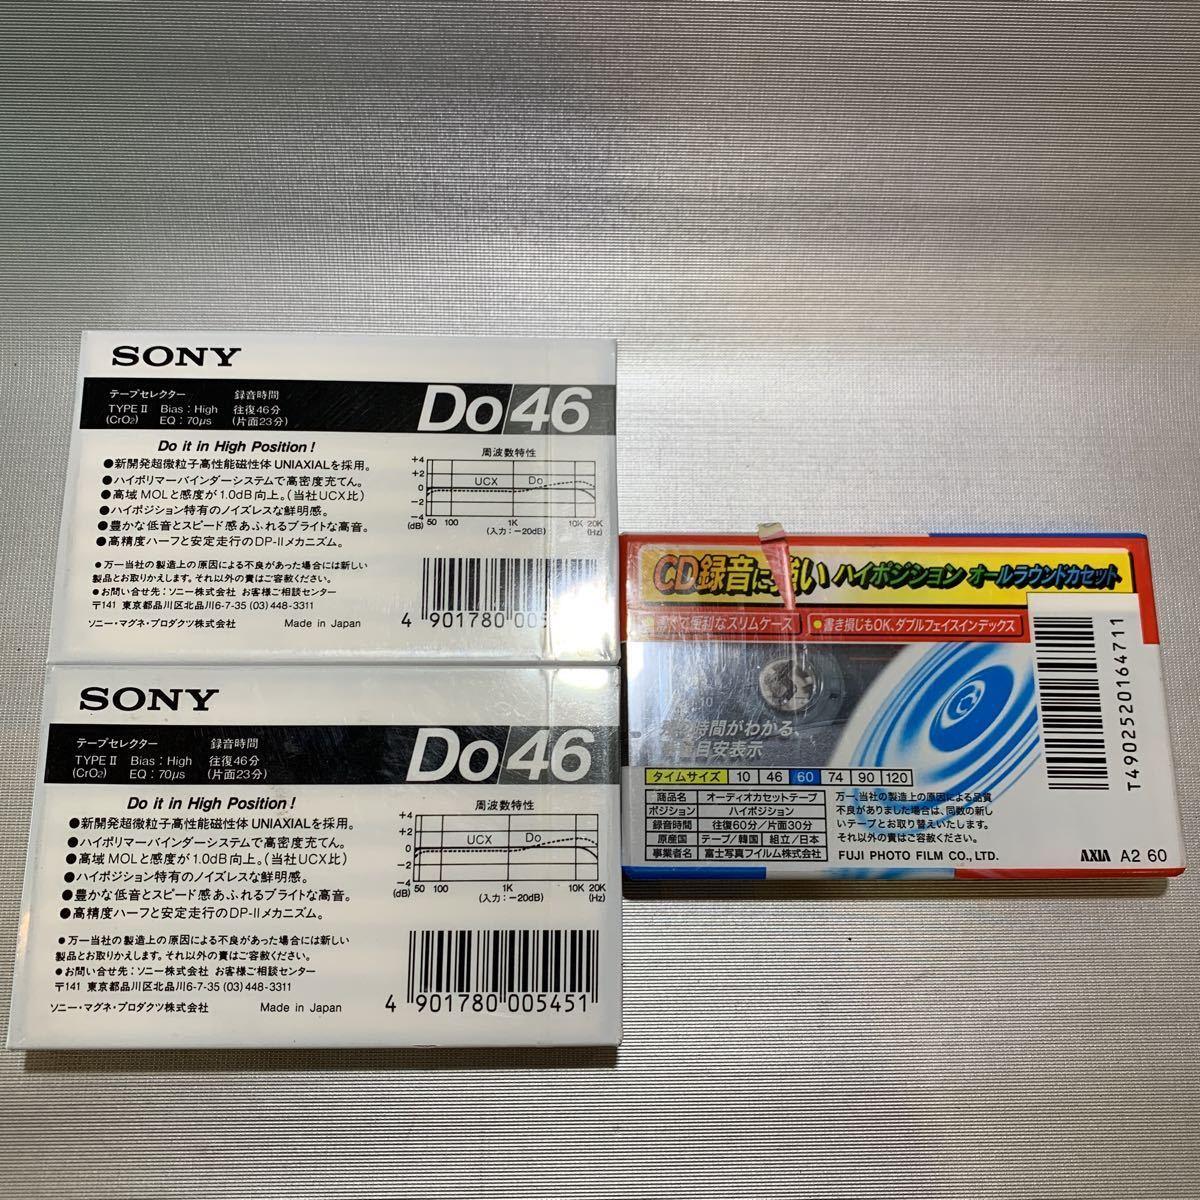 【未開封品】カセットテープ SONY DO46 ハイポジション &AXIA A2 60 ハイポジション 三本セット_画像2